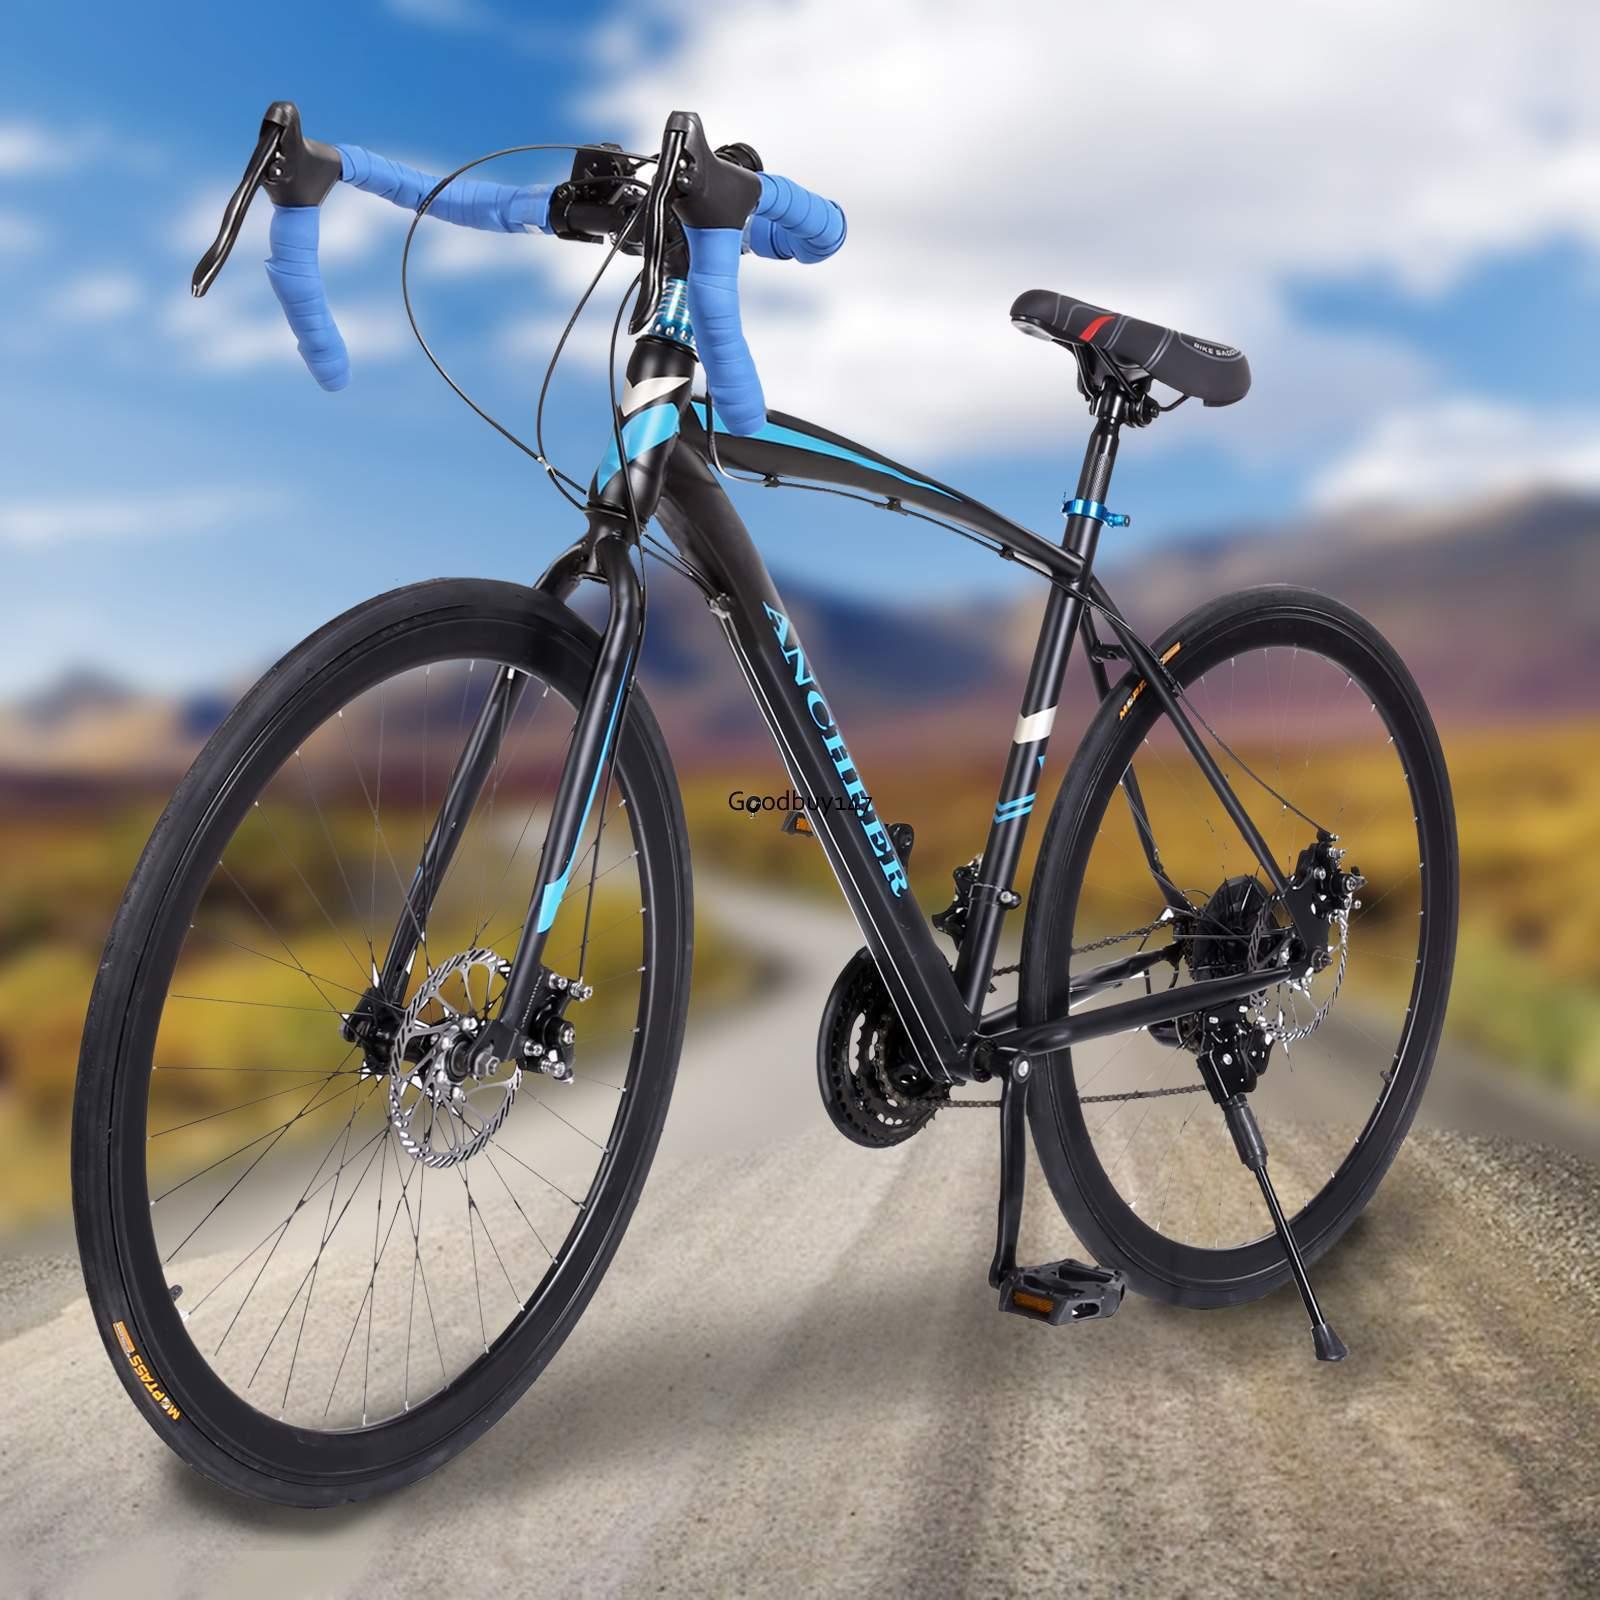 Men's 49.5cm High-carbon Steel Road Bike Racing 700C Bicycle 21 Speed